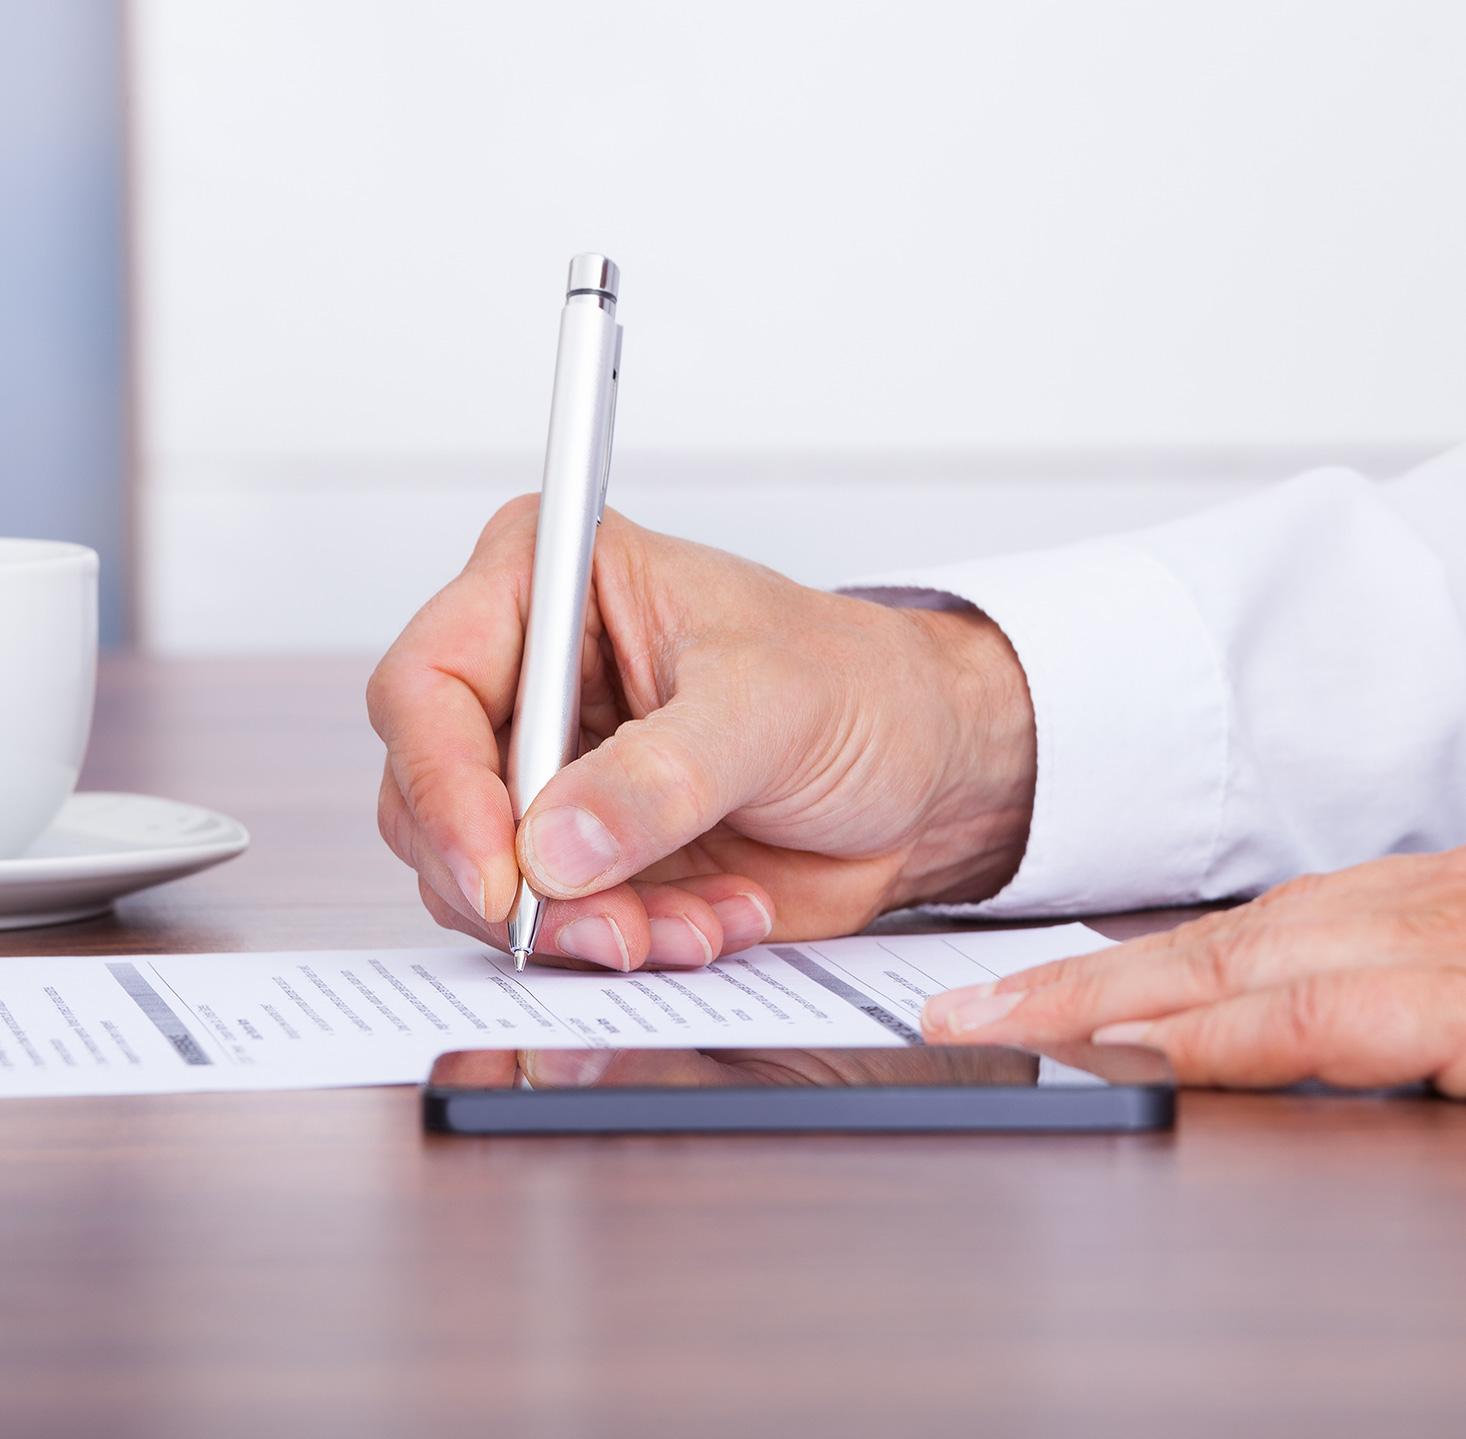 """Procedura aperta per l'affidamento del contratto biennale di somministrazione di lavoro a tempo determinato presso l'Azienda Speciale """"Agenzia Formativa della Provincia di Varese"""